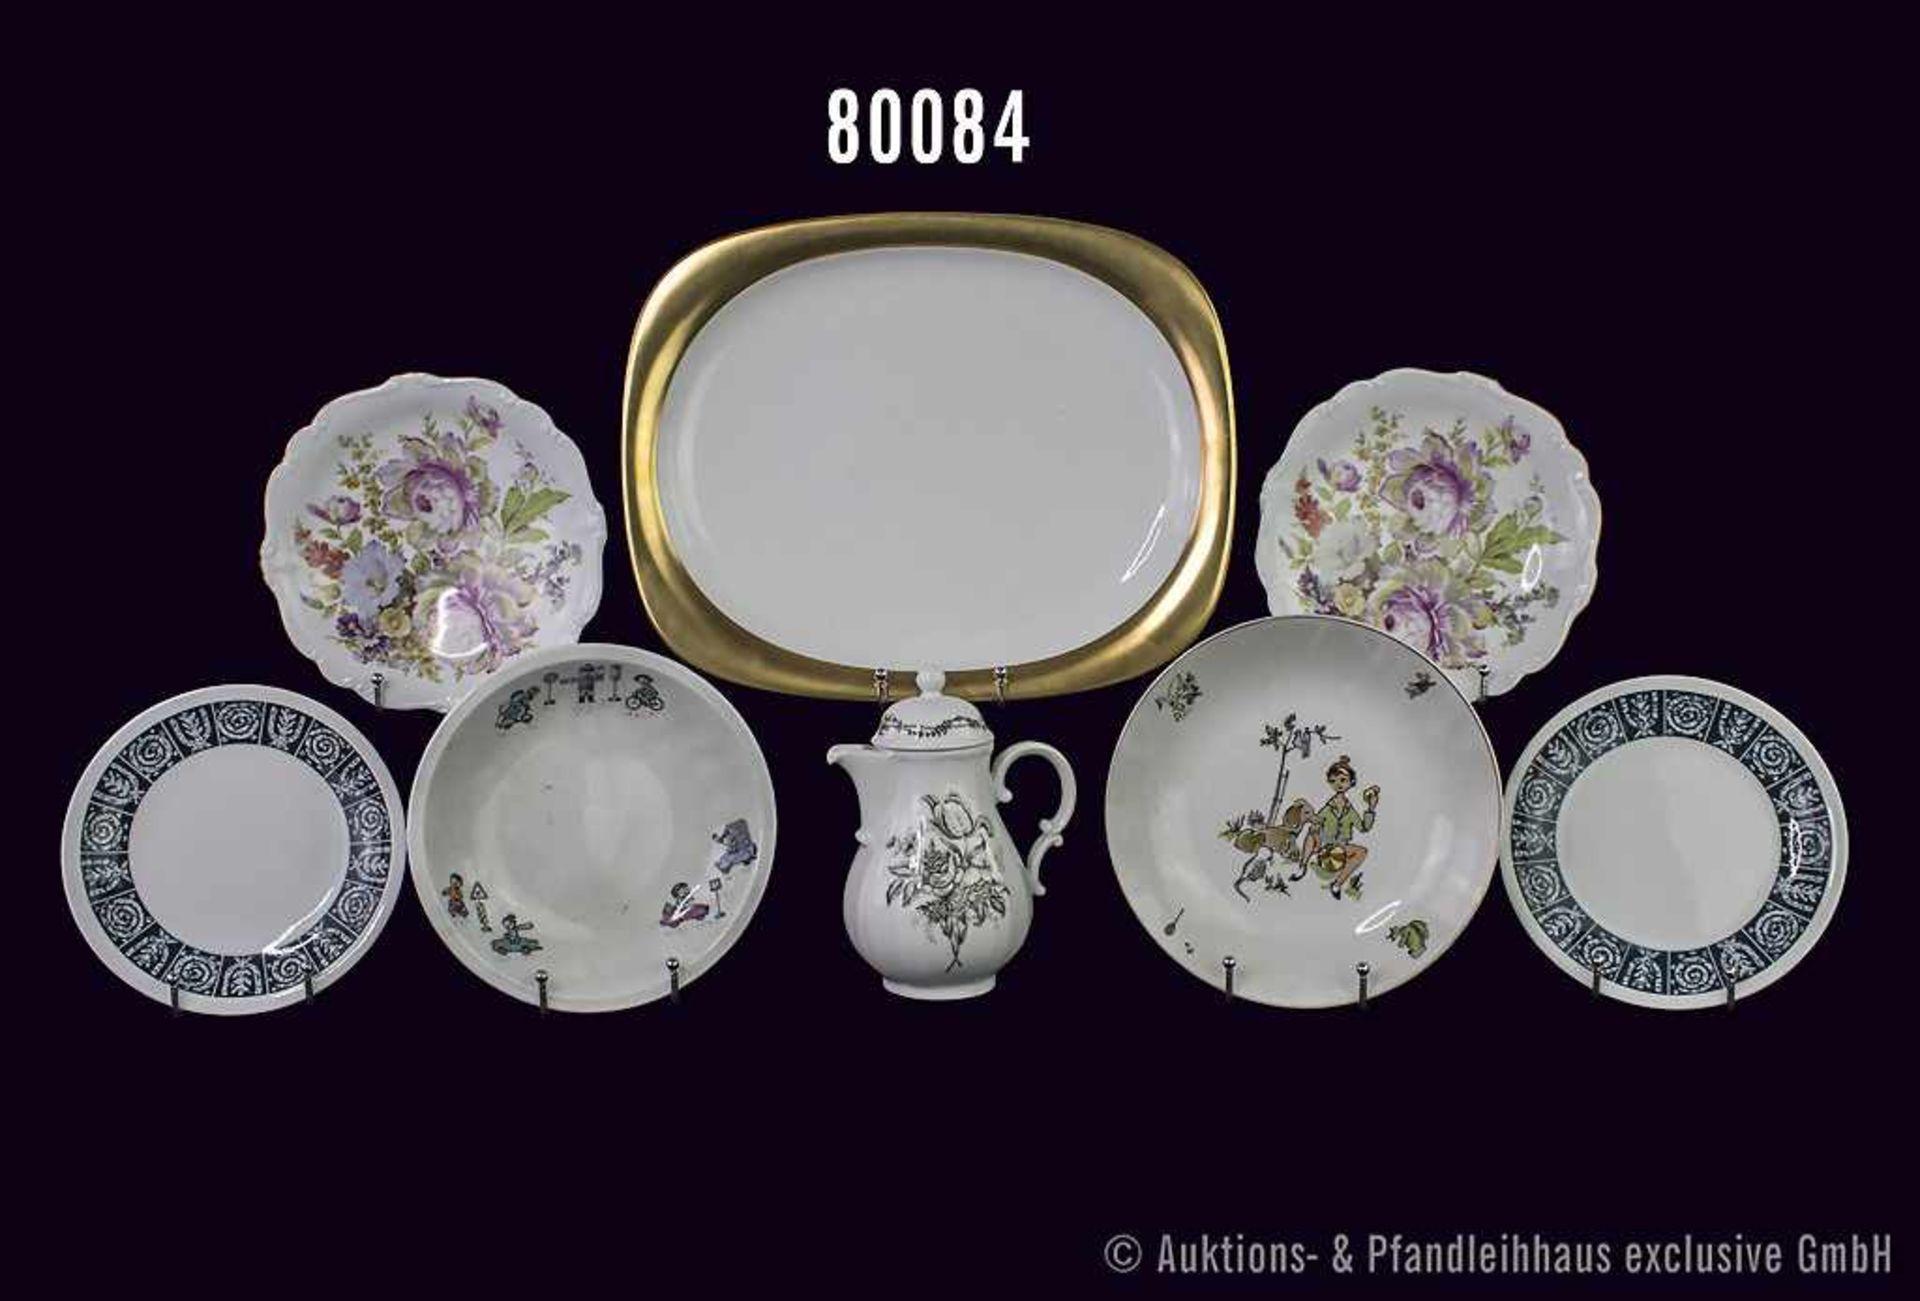 Konv. 17 Teile Porzellan, von Rosenthal, Schönwald und Thomas, dabei Teller, Schalen, Kinderteller